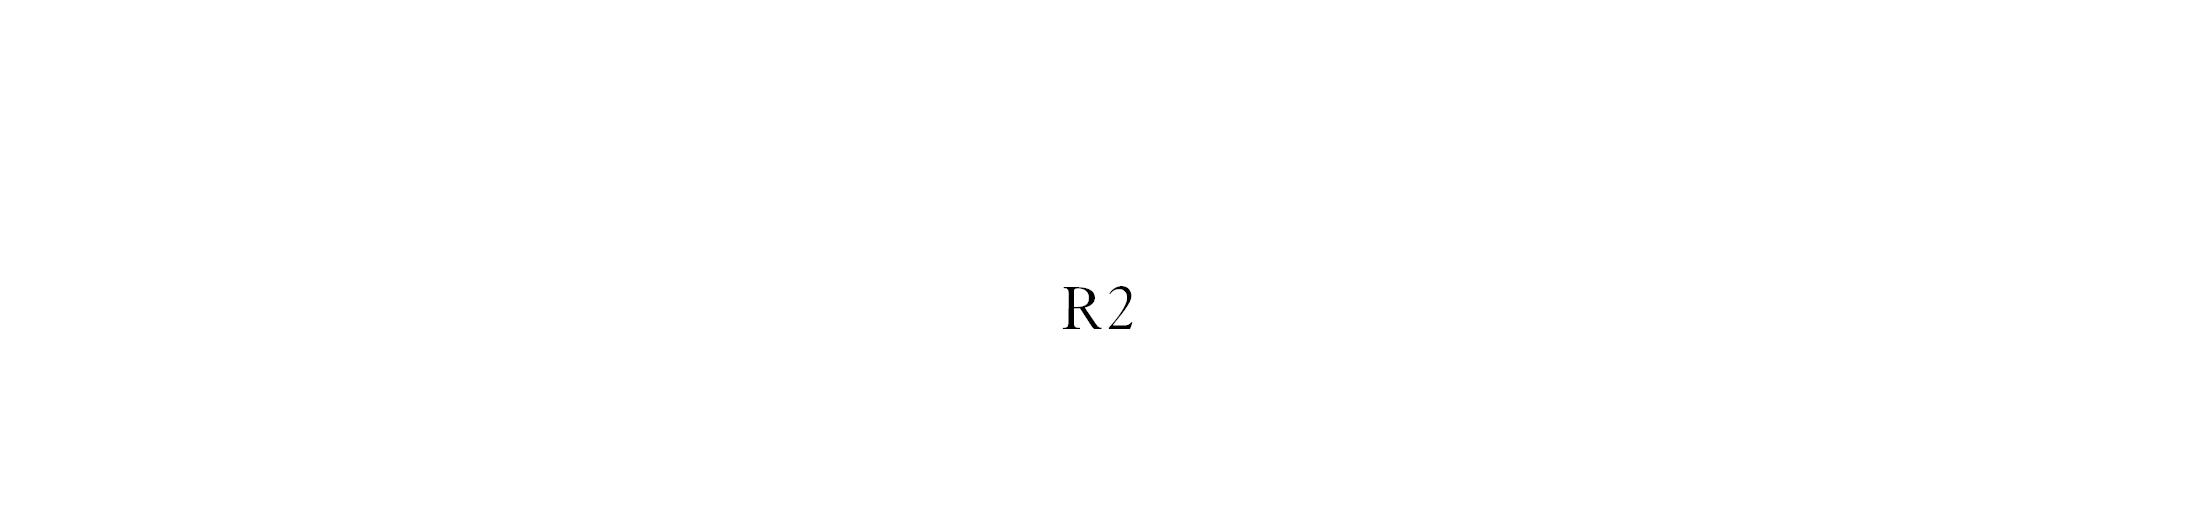 Appendix_Book_3_41a.jpg